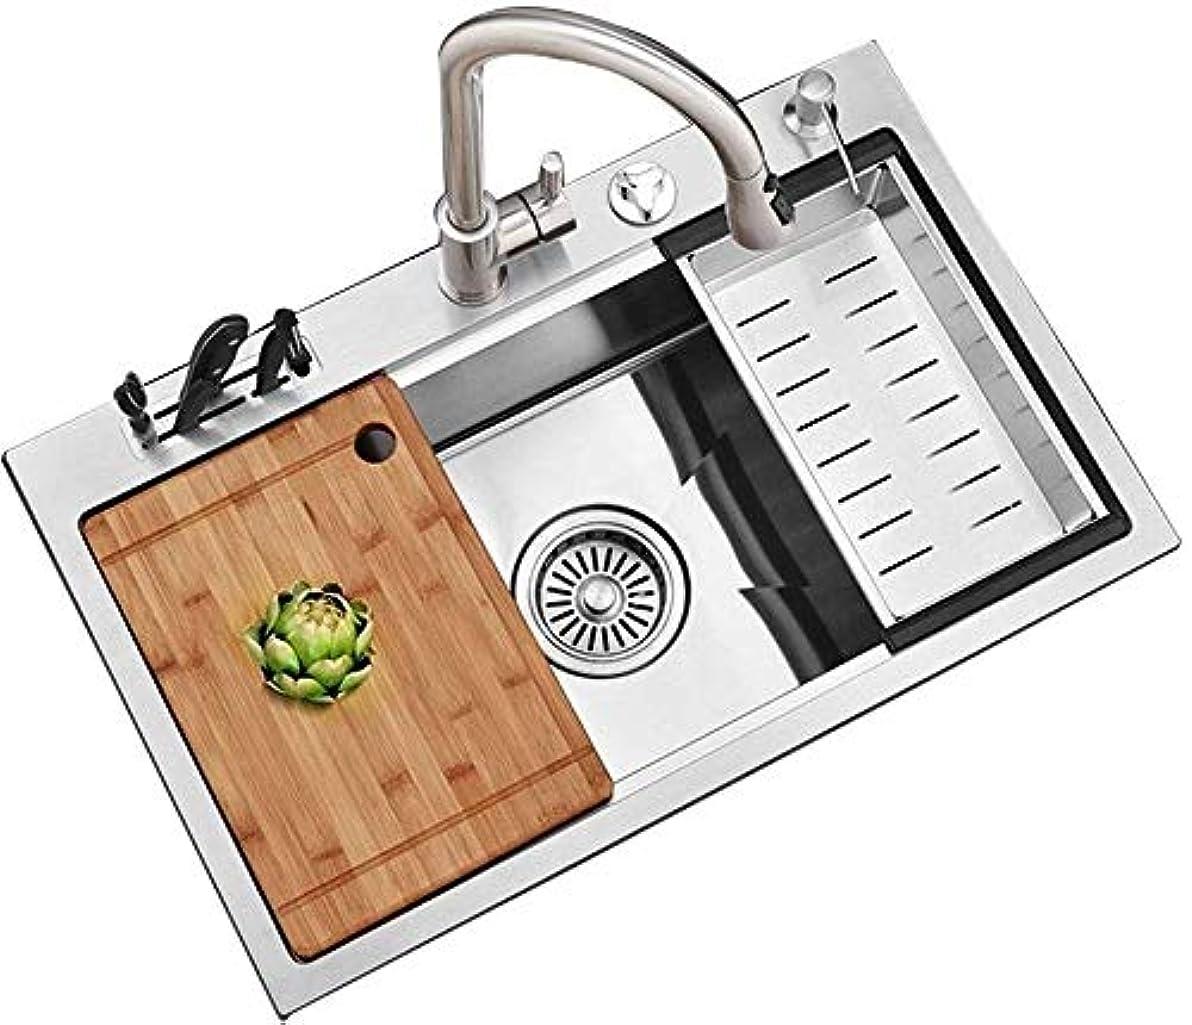 キャンペーンアッティカス薄いです台所の流し、304ステンレス鋼の手動流し大型シングルスロット厚手流し家庭は錆びない、silver75 × 47cm